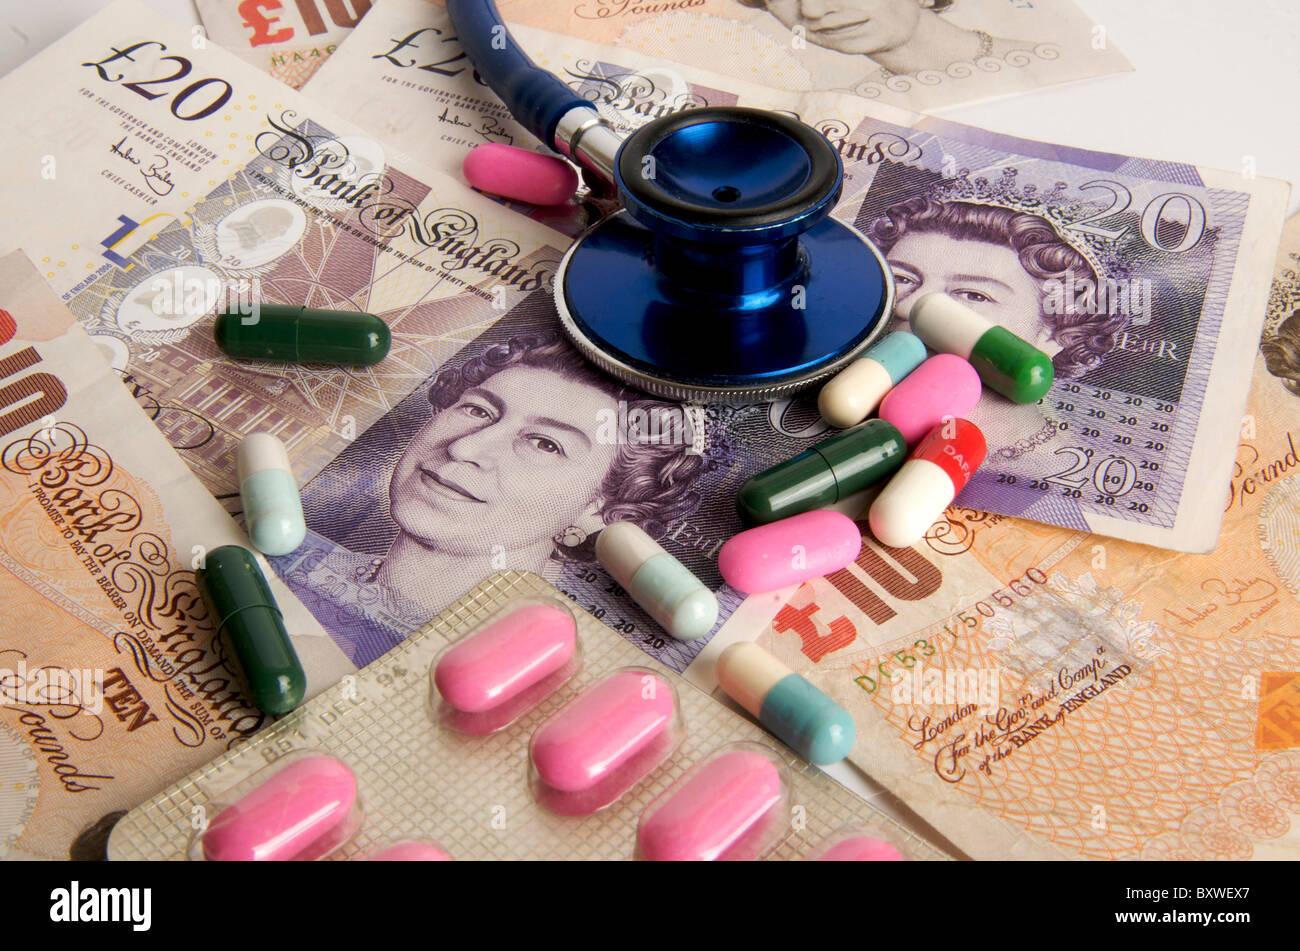 Pfund-Banknoten, Stethoskop, Pillen, Konzept Gesundheitsversorgung im Vereinigten Königreich. Stockbild